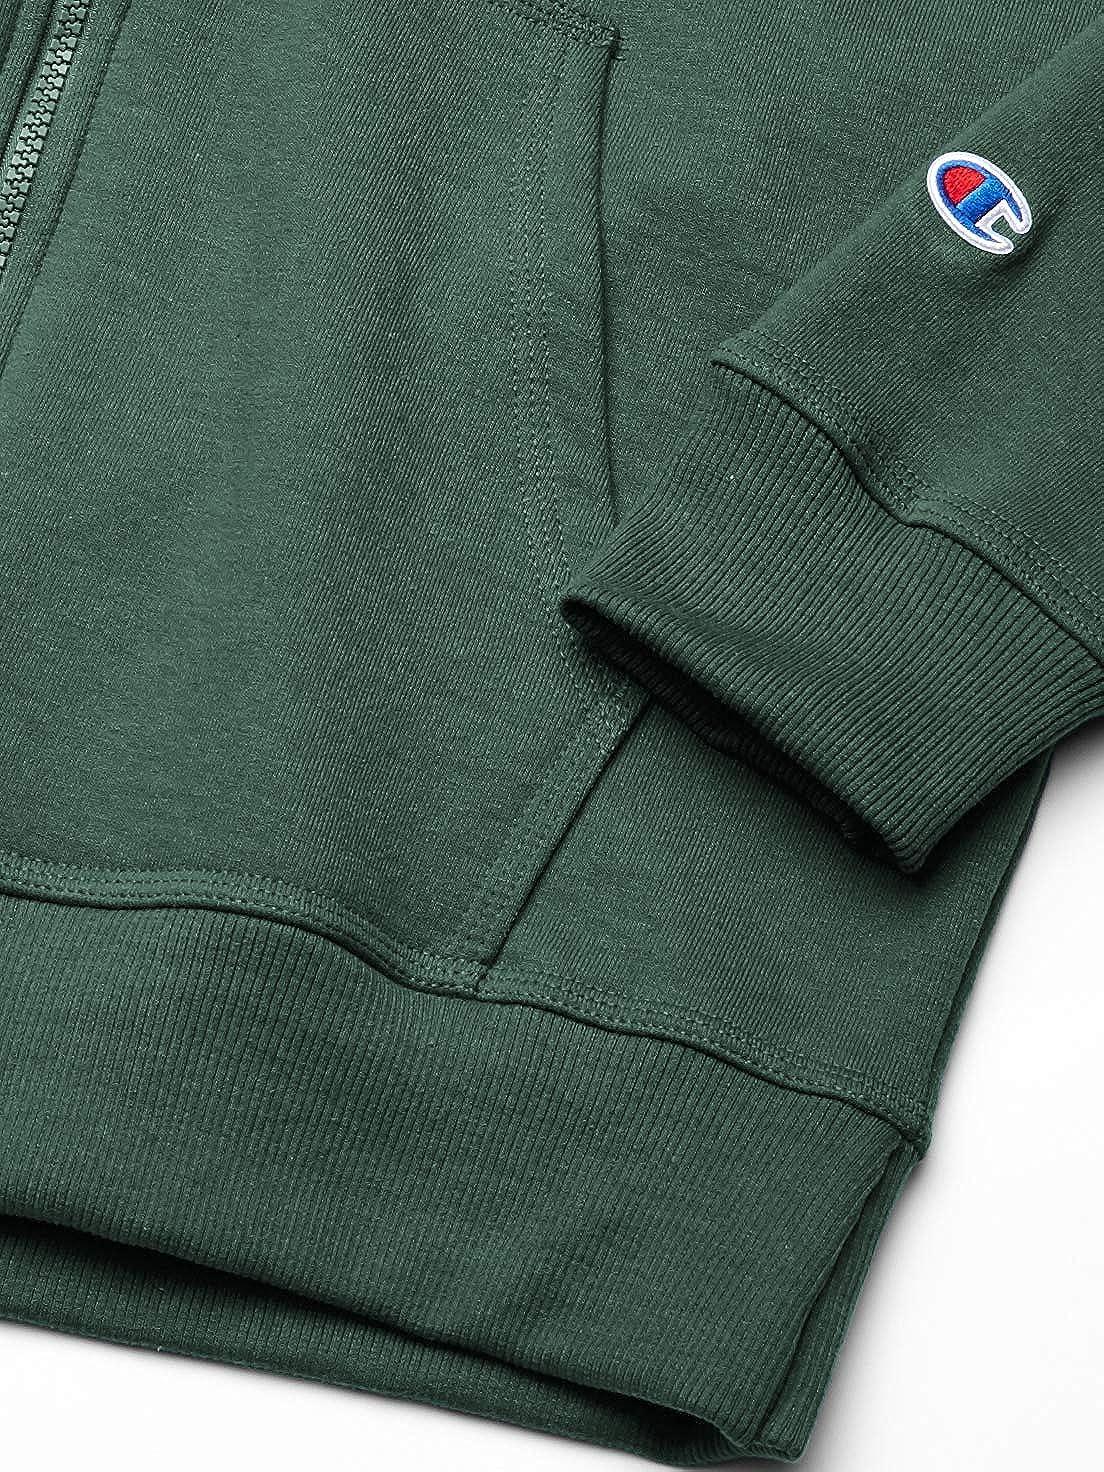 Champion Mens Powerblend Full-Zip Hoodie Warm Up or Track Jacket